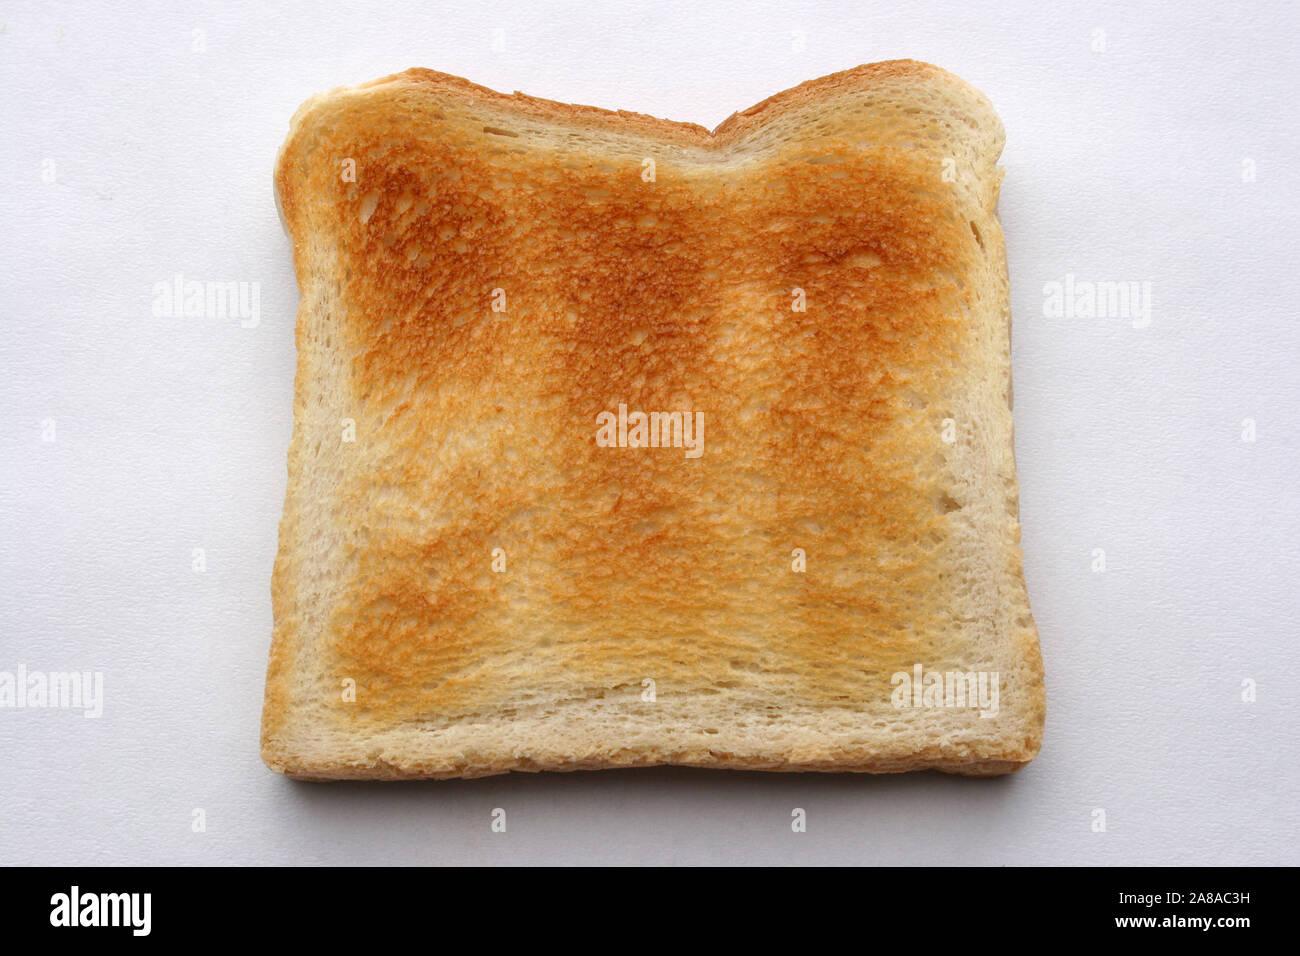 Toast, Scheibe Toast, Weissbrot, Toastbrot, Lebensmittel, getoastet, Foto Stock